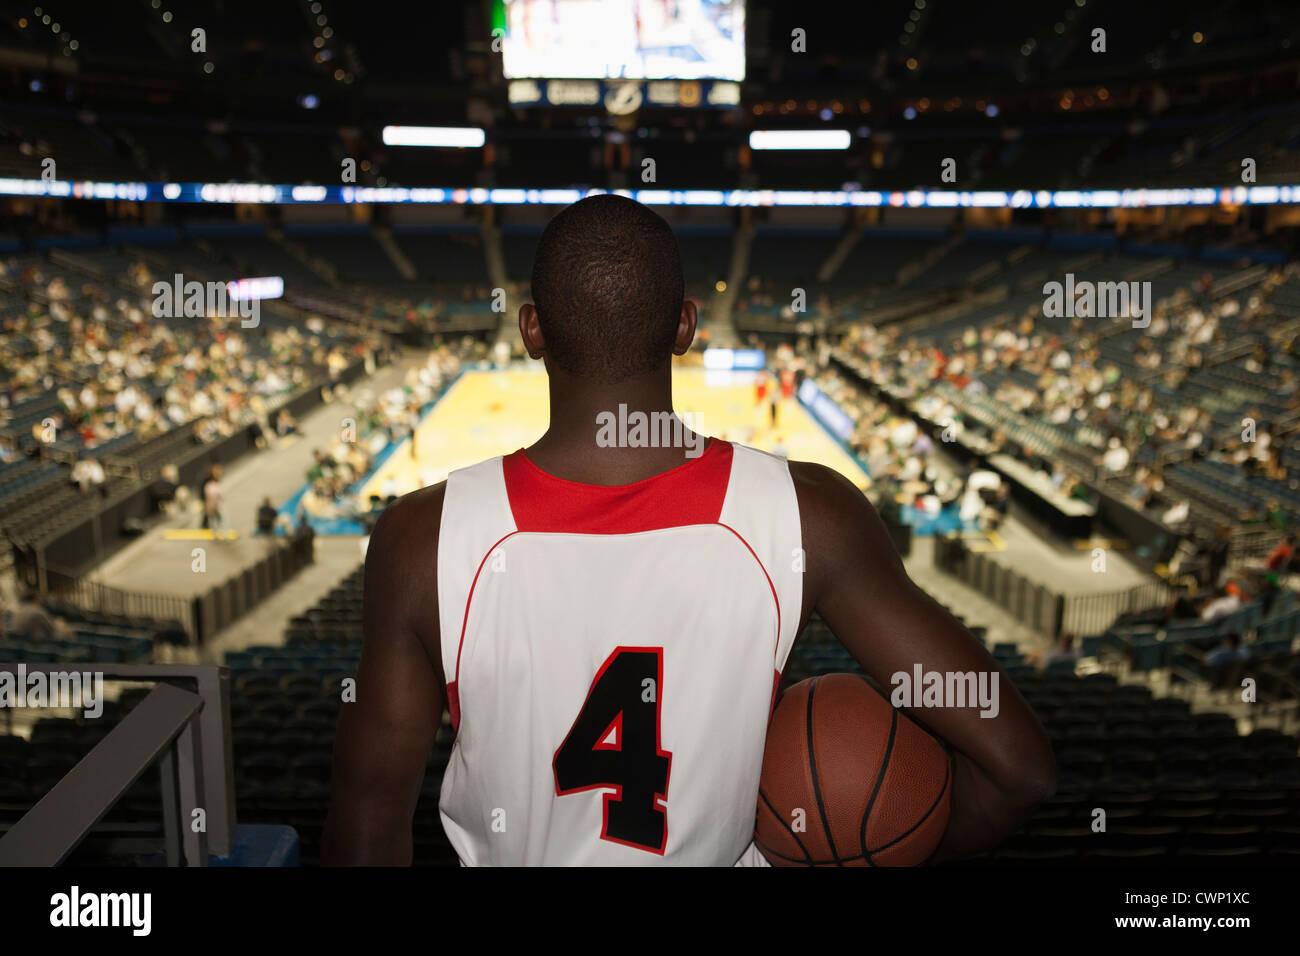 Basket-ball à la recherche vers le bas à stade, vue arrière Photo Stock